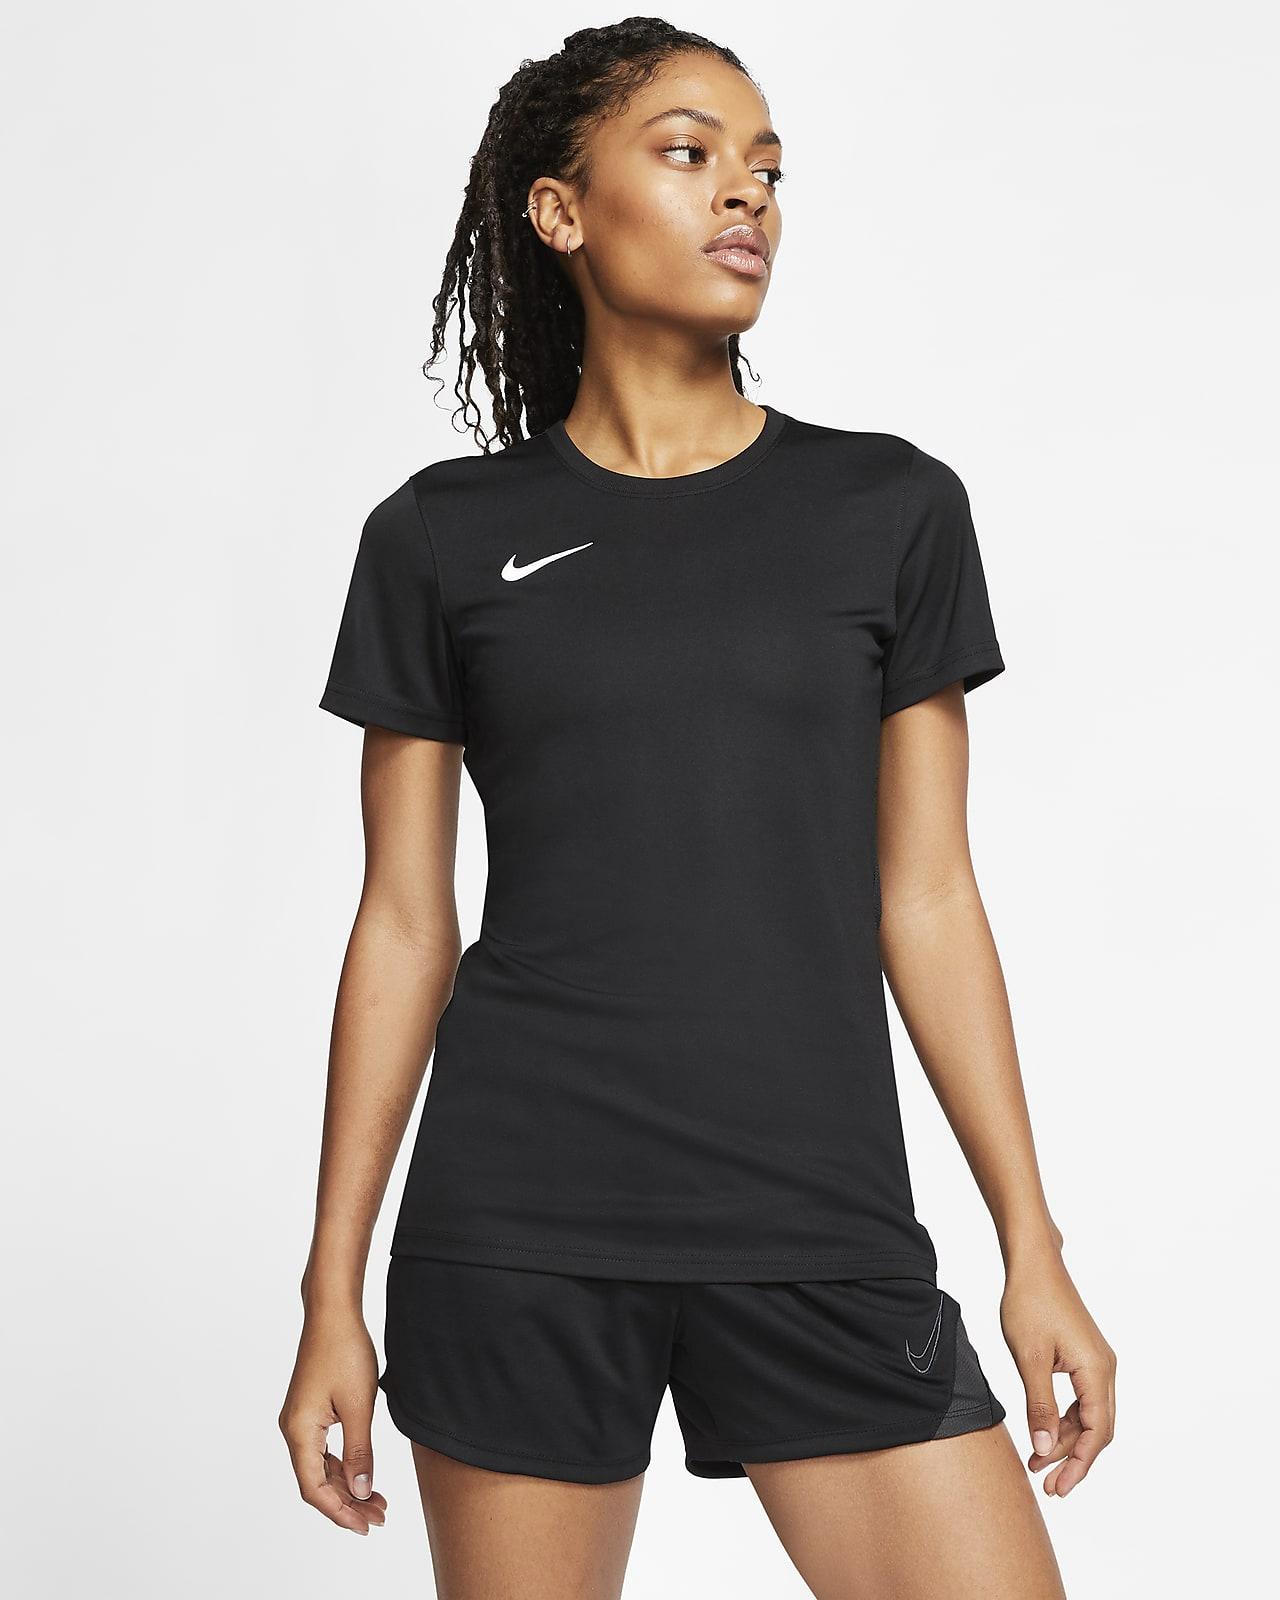 Nike Dri-FIT Park 7-fodboldtrøje til kvinder